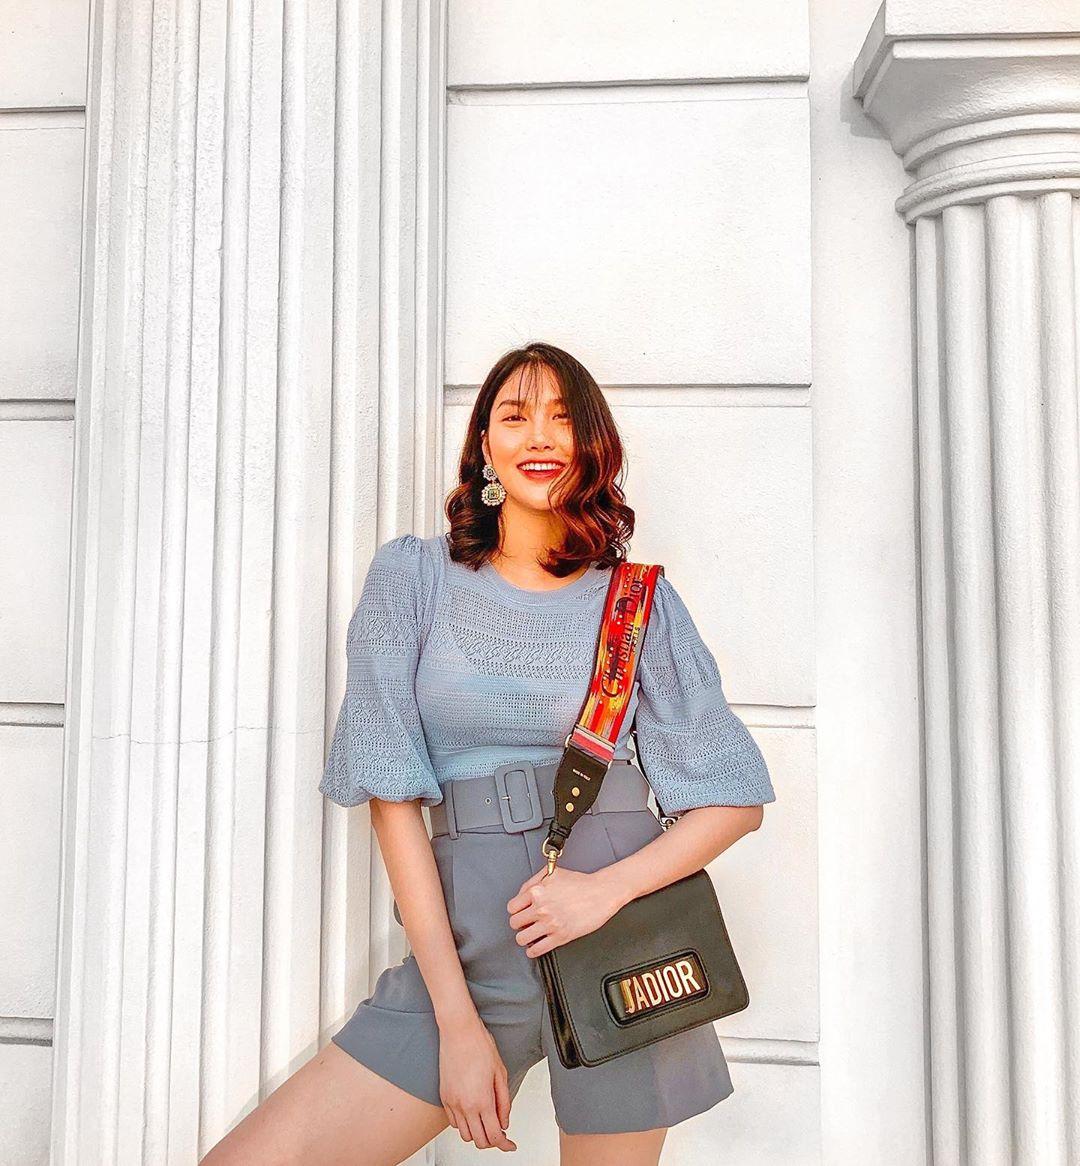 """Vừa che được bắp tay to còn """"hack tuổi"""" đáng kể, bảo sao cả loạt mỹ nhân Vbiz đều đang thi nhau diện kiểu váy áo này - Ảnh 5."""